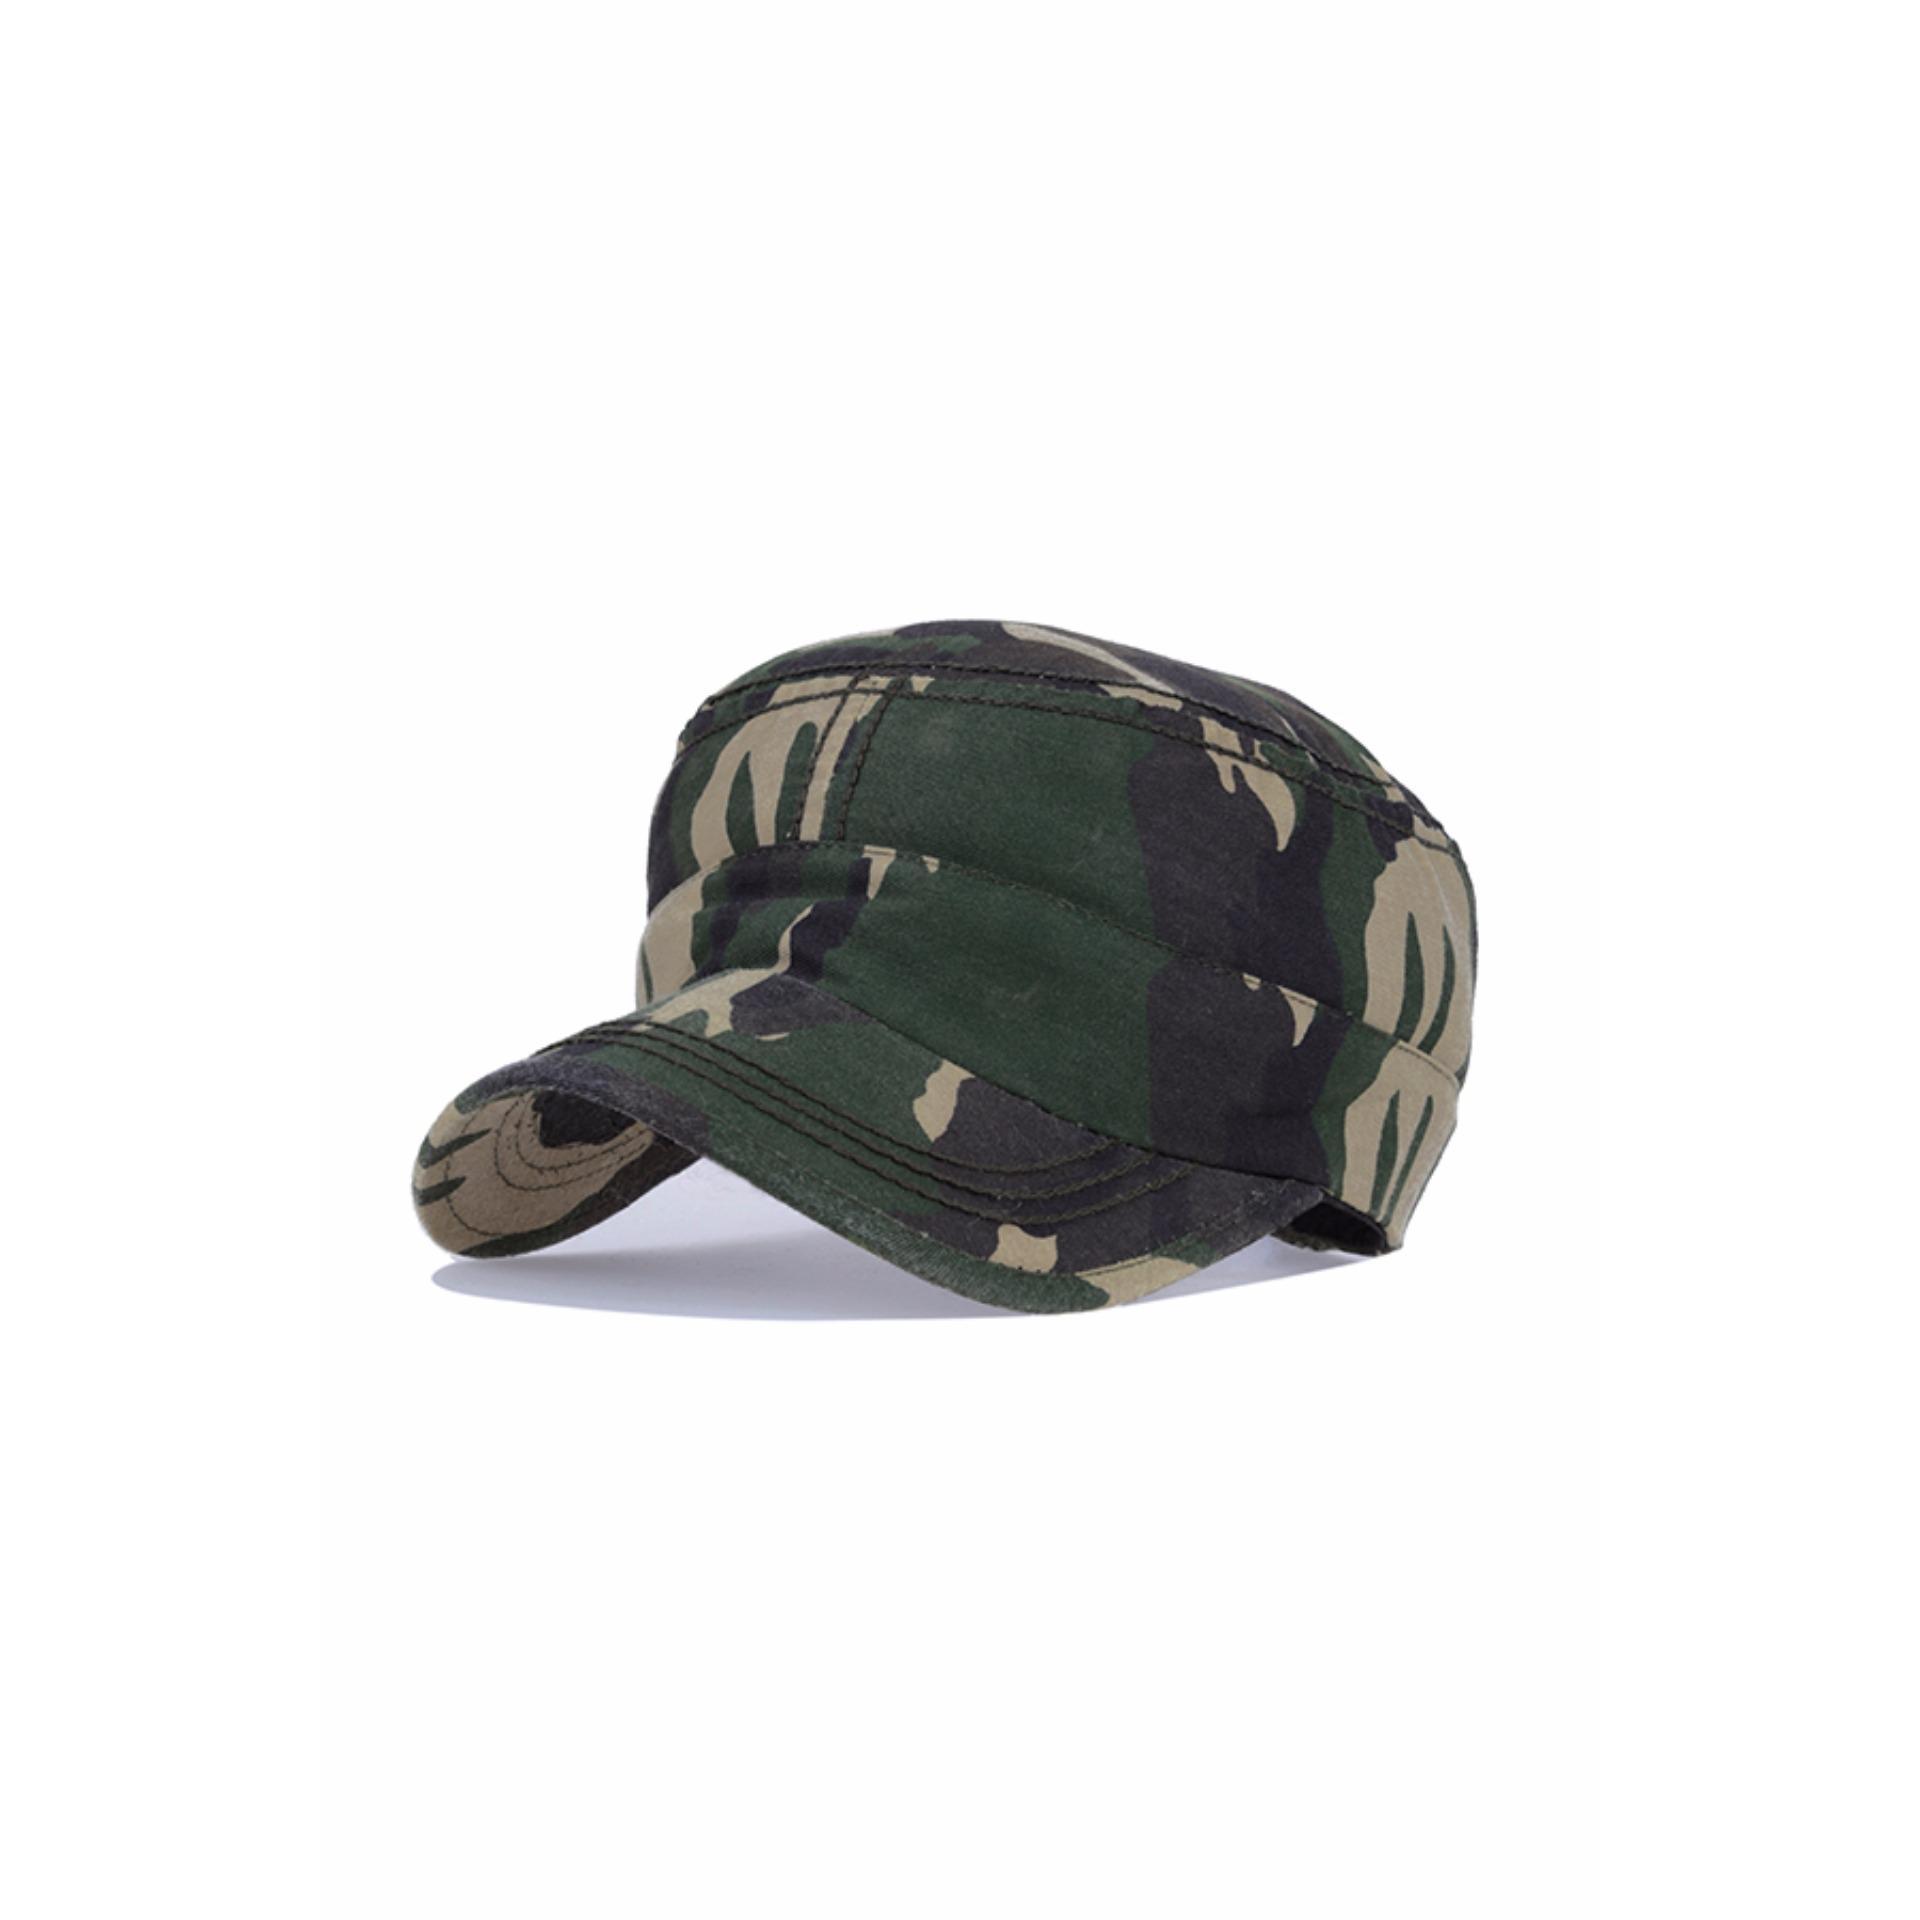 ... Elfs Shop - Topi Pria Polos Komando Motif Army / Military Canvas Cap-Hijau Tua ...